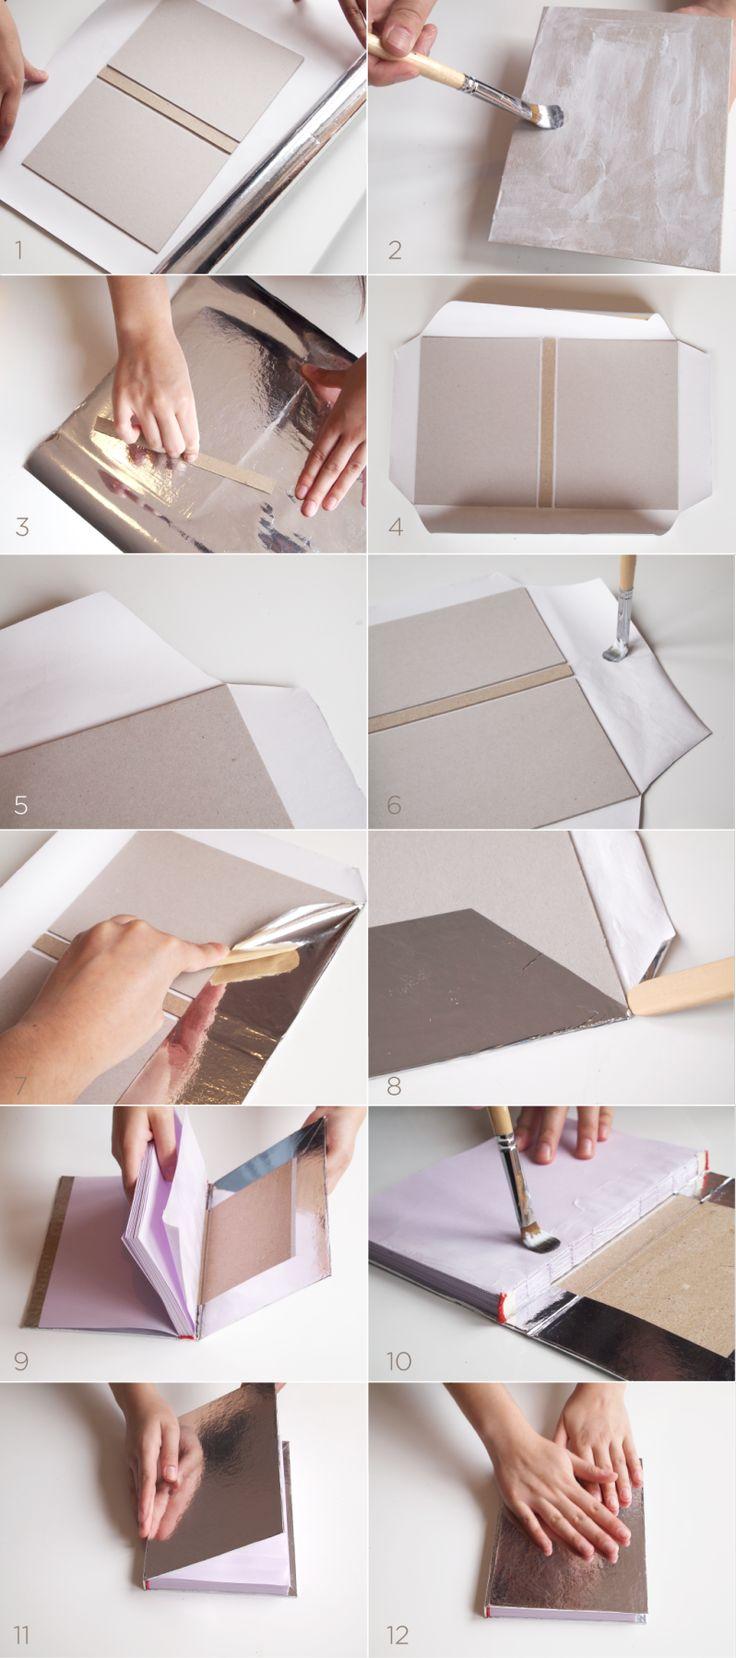 Cuaderno hecho a mano: la tapa dura                                                                                                                                                                                 Más